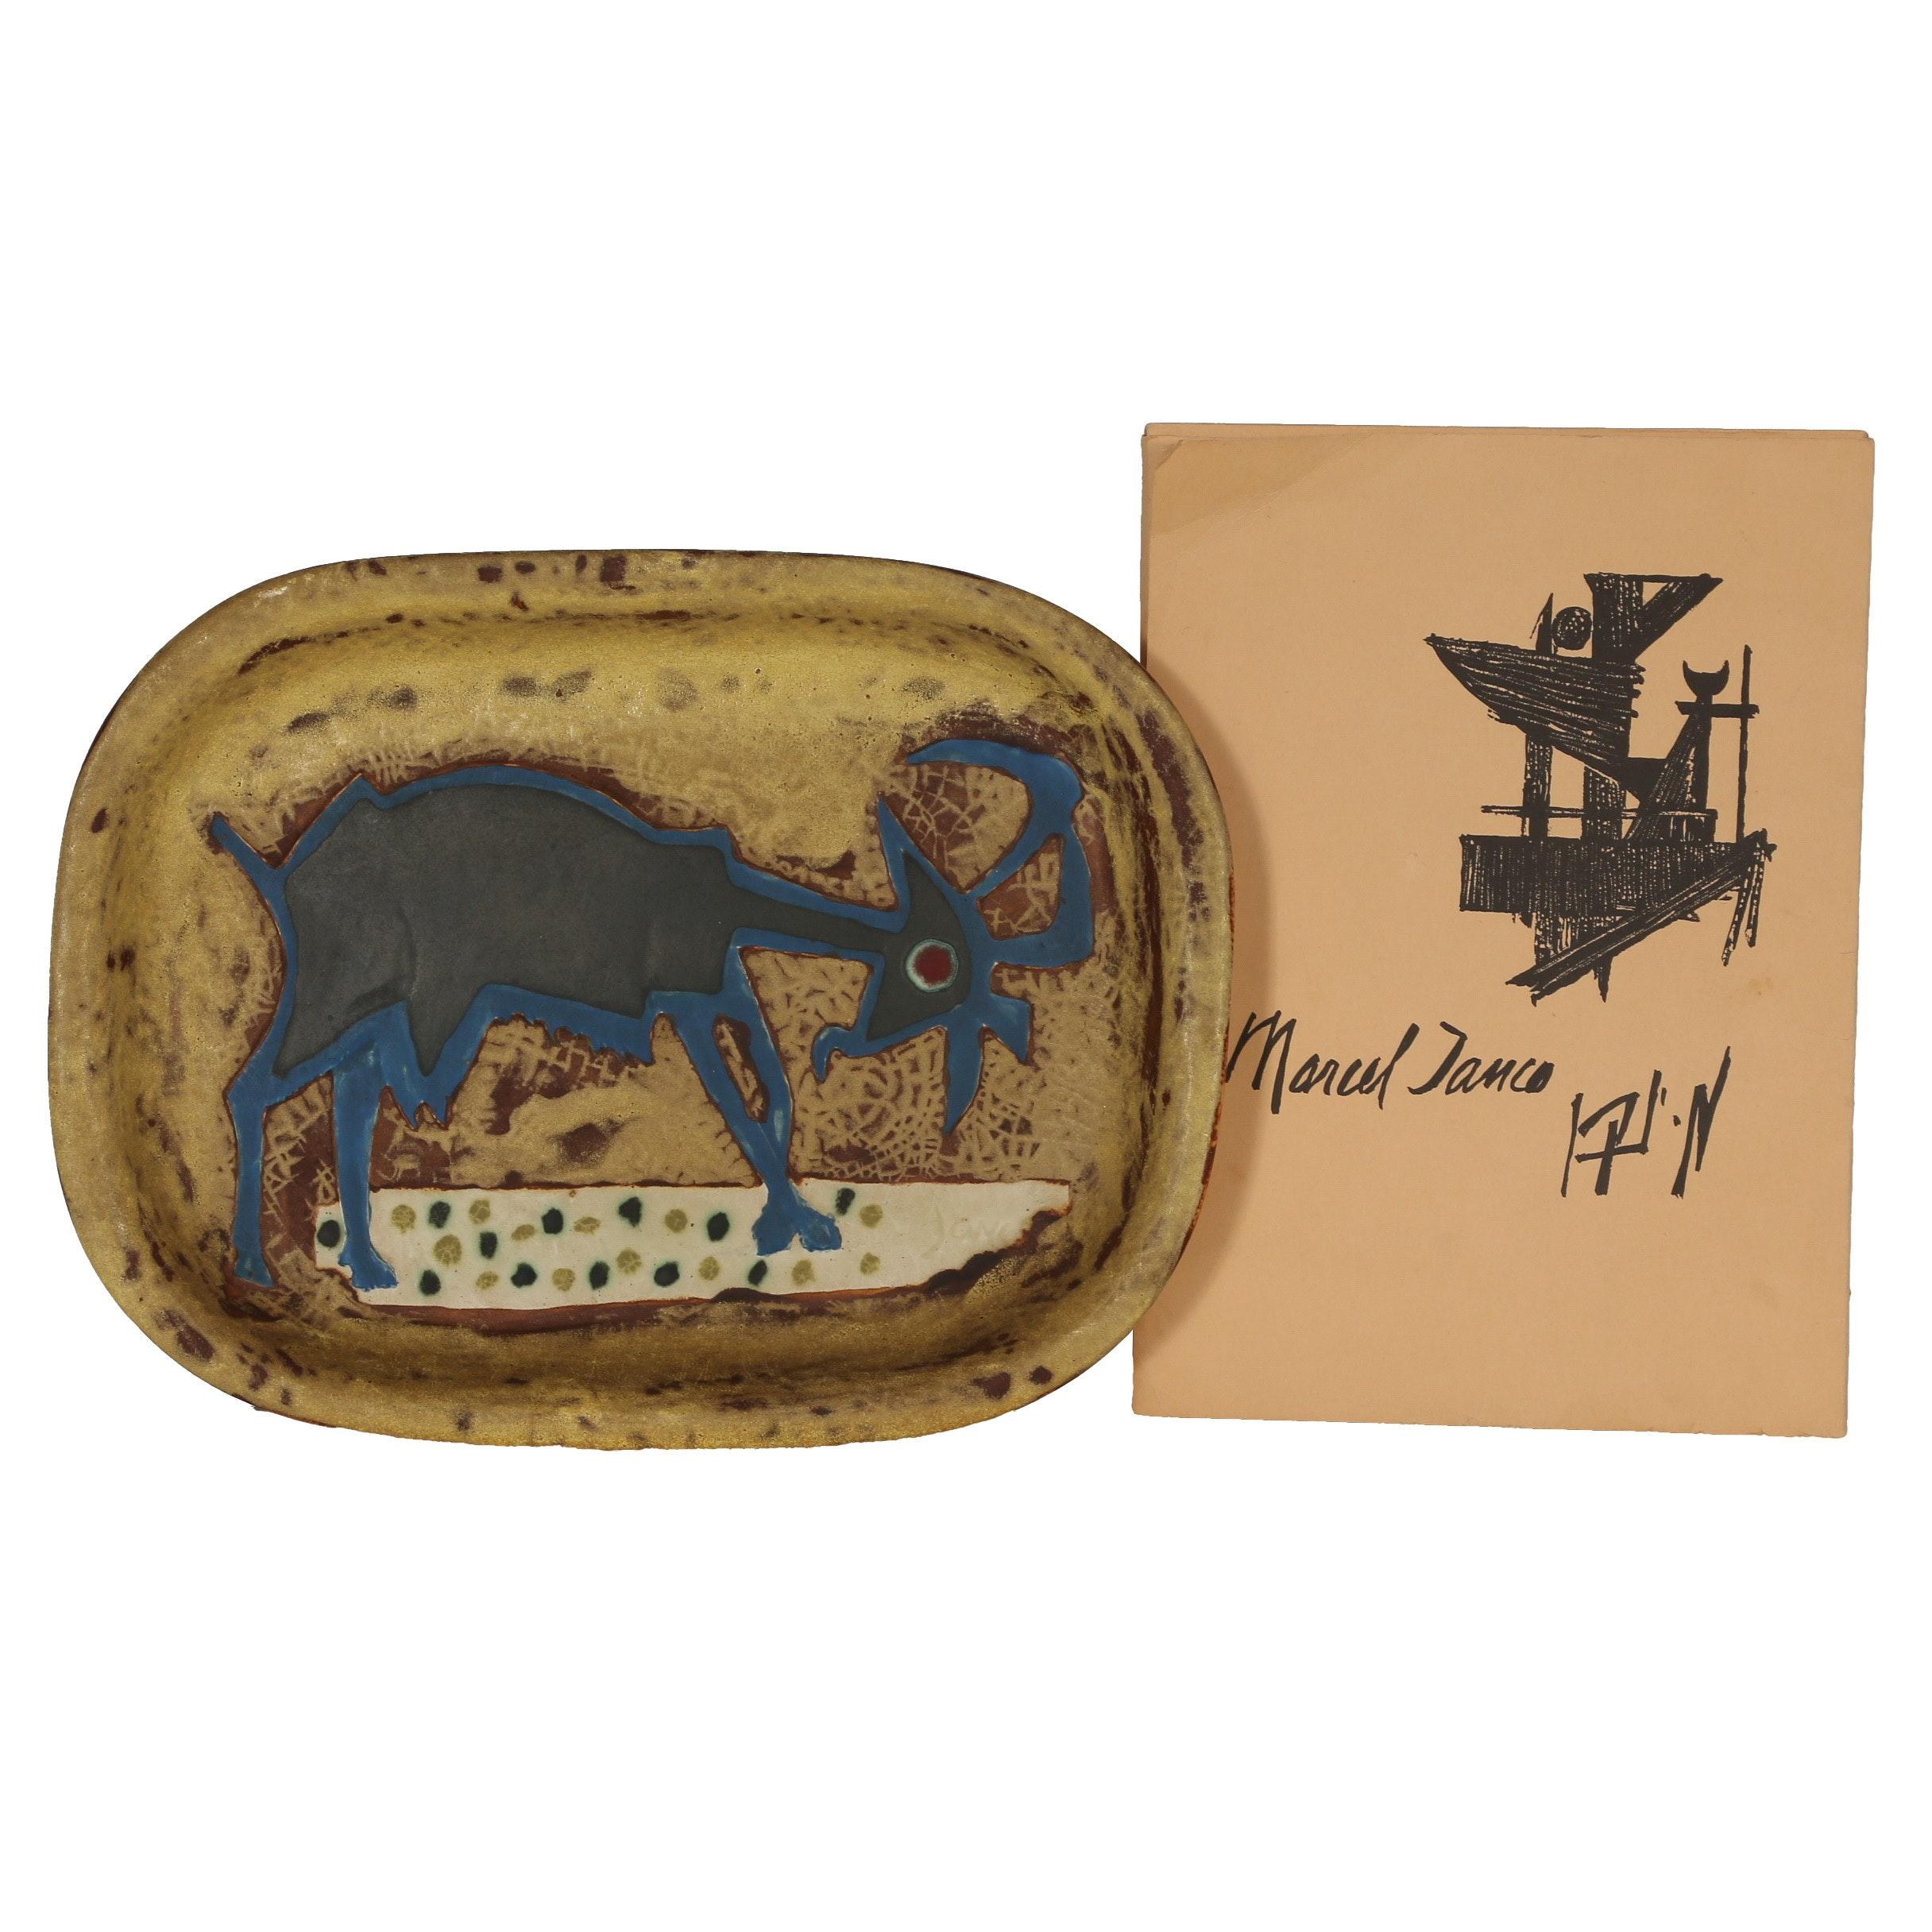 Marcel Janco Ceramic Tray